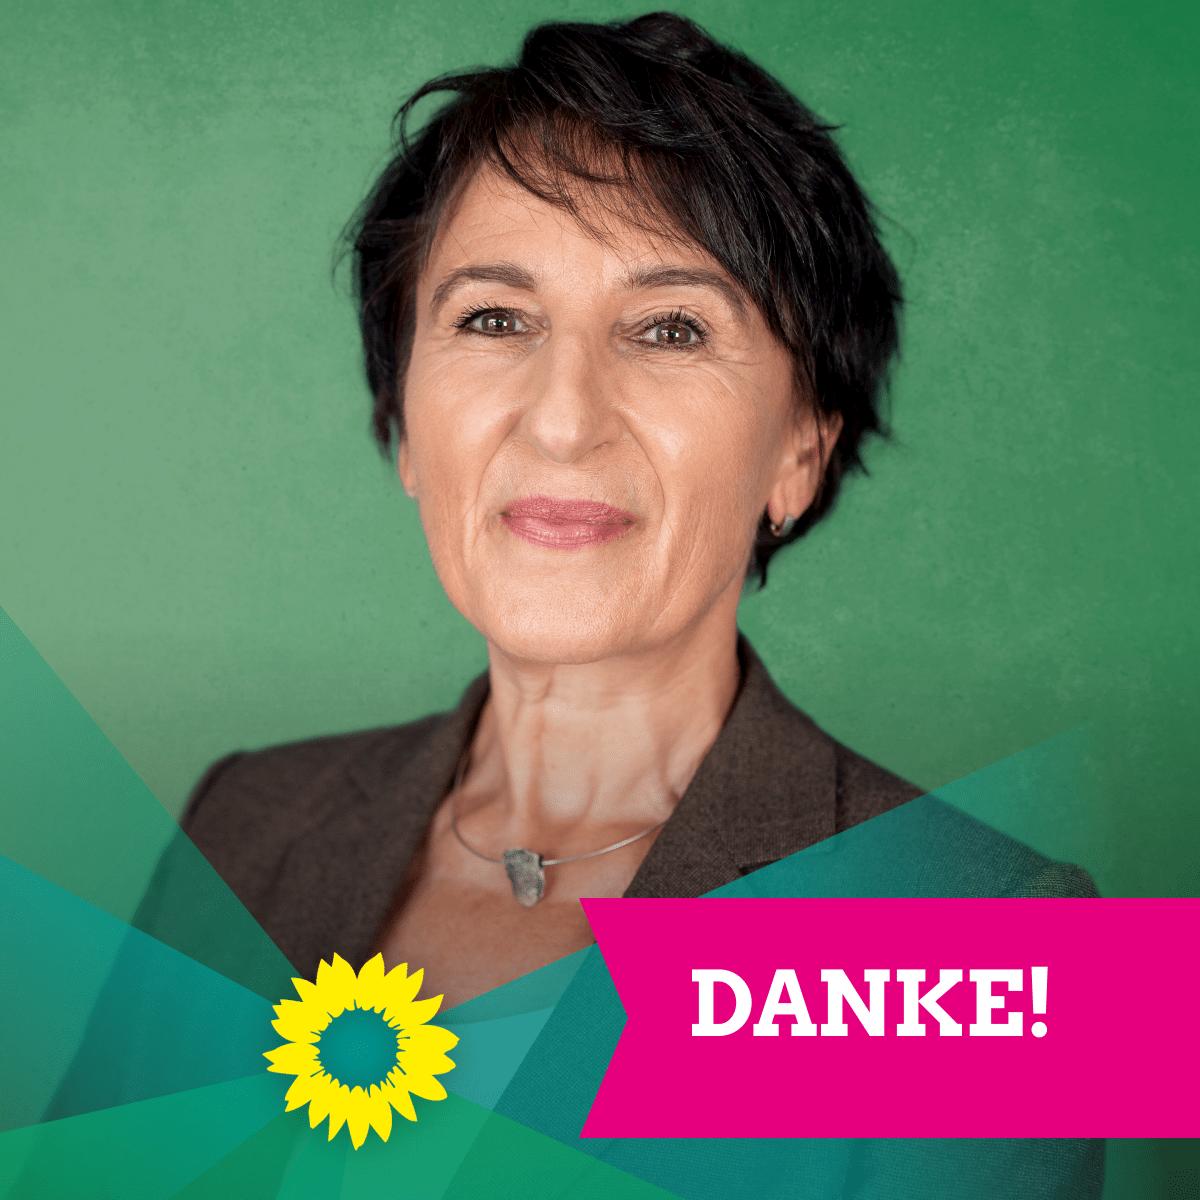 Dr. Ute Leidig unsere Kandidatin zur Landtagswahl 2021